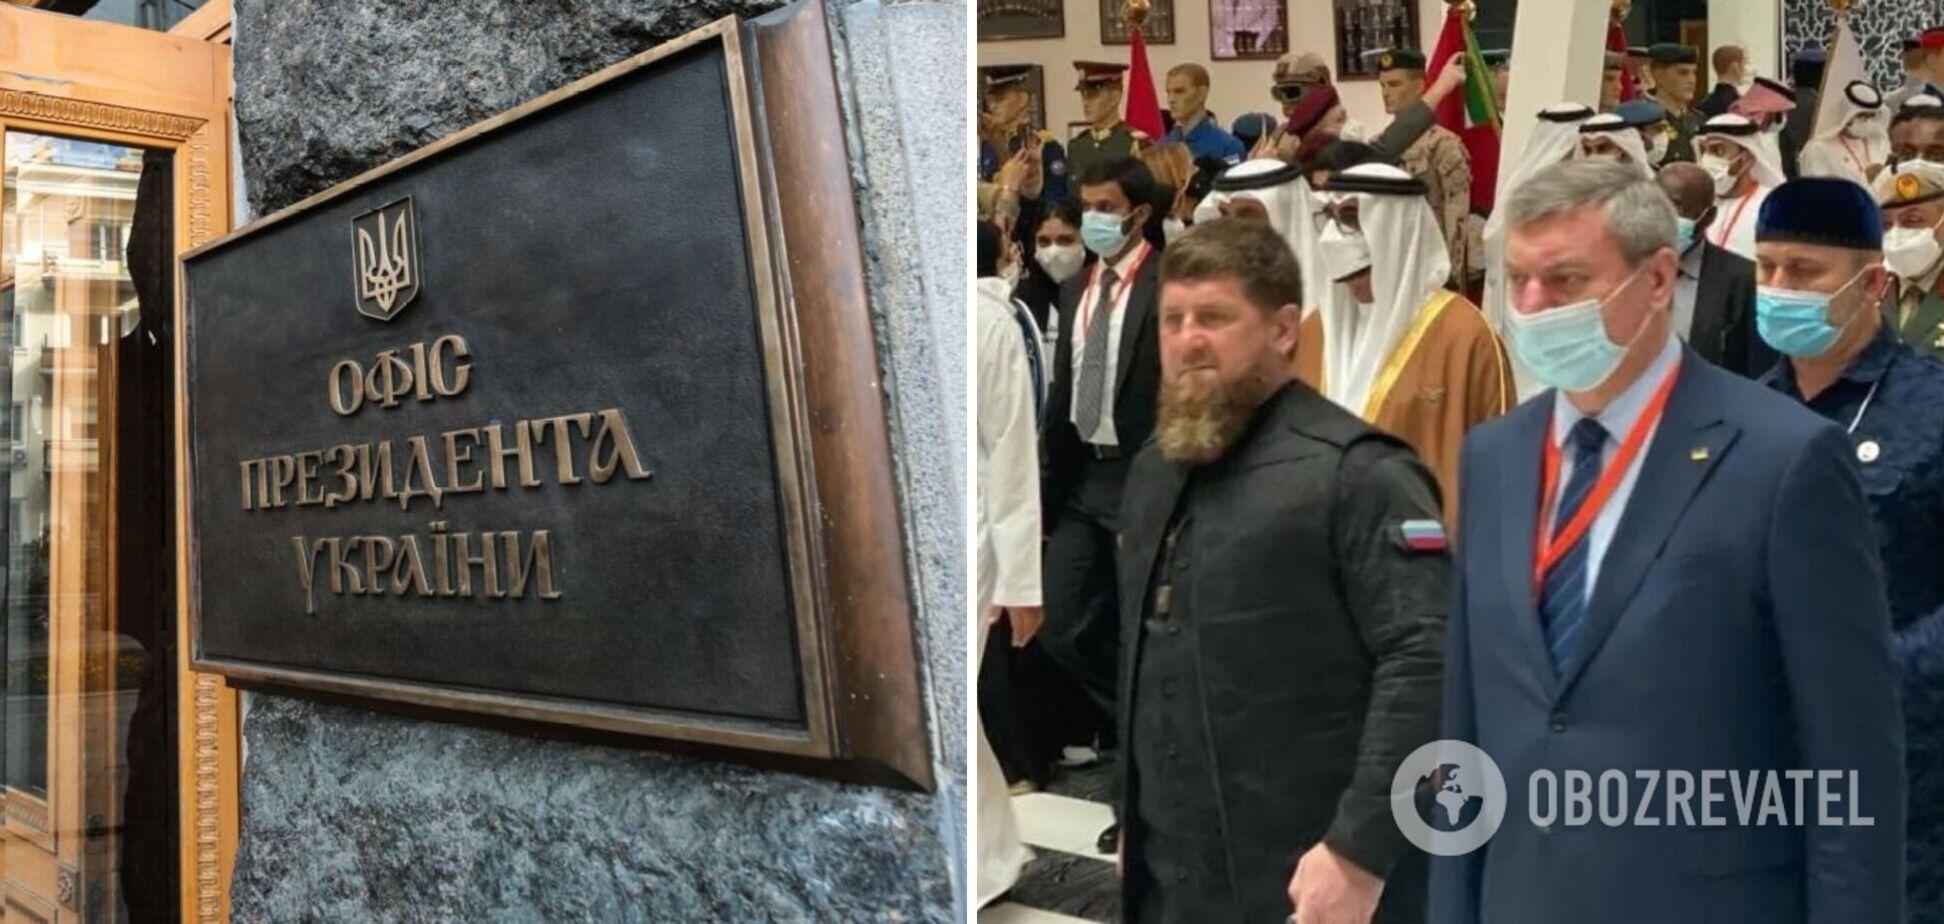 У Зеленского отреагировали на скандал с Уруским и Кадыровым